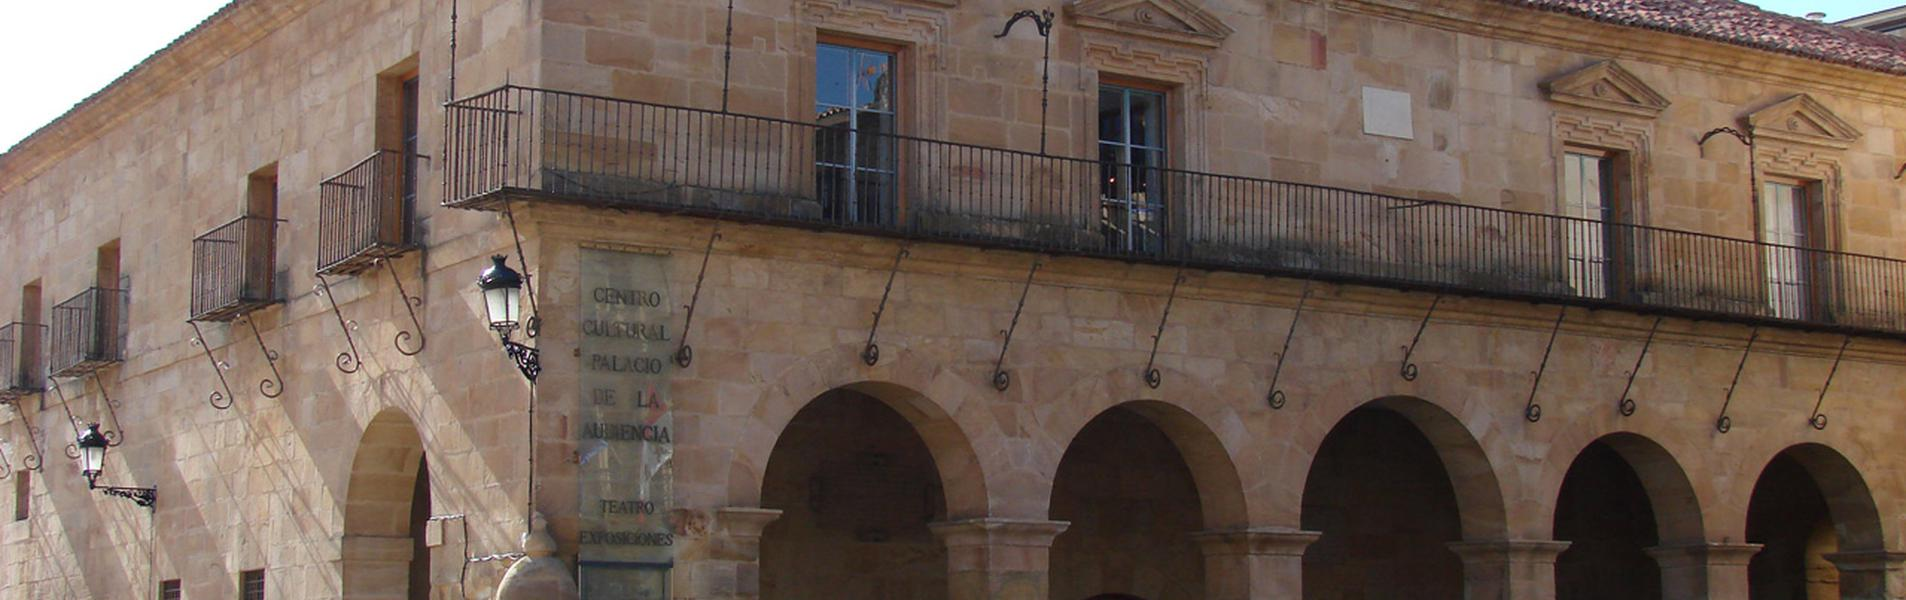 Palacio de la Audiencia